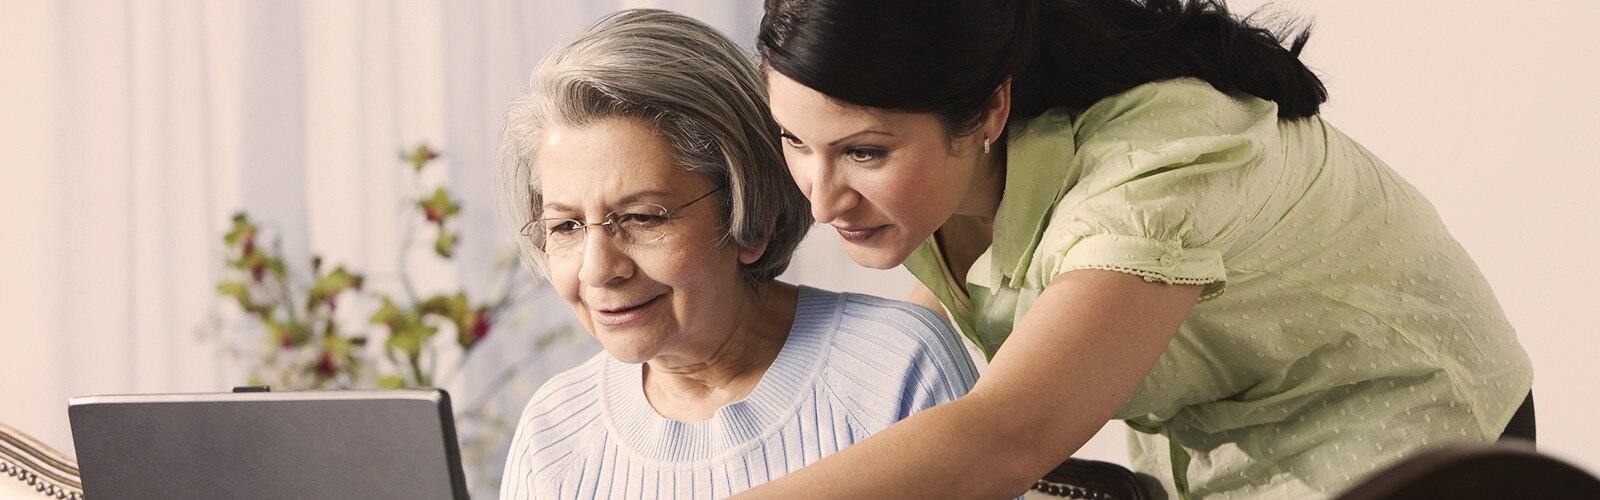 Ältere Frau und jüngere Frau verwenden den Computer – wie sich Alzheimer auf Ihren Angehörigen auswirkt